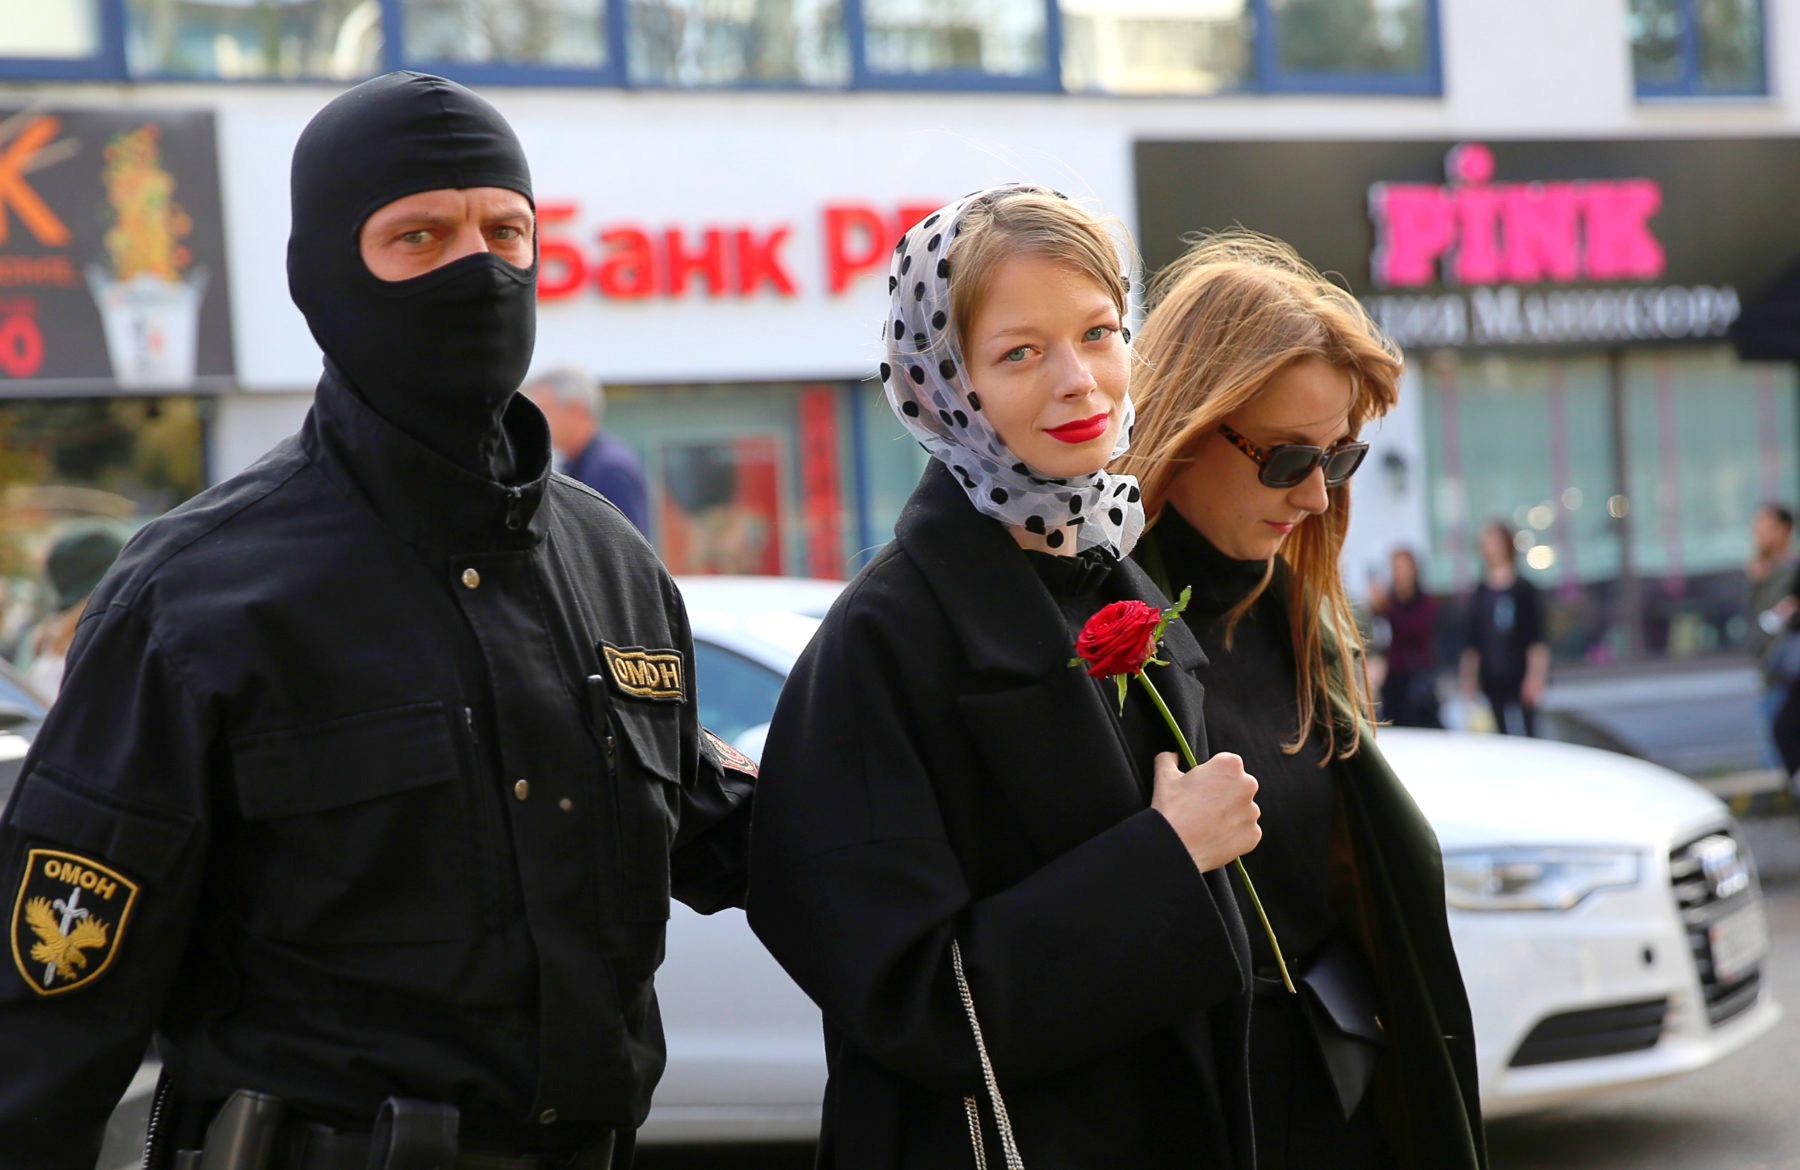 Минчанка поделилась впечатлением от участия в митингах против Лукашенко Александр Лукашенко,Беларусь,Митинги,Мнения,Иностранцы